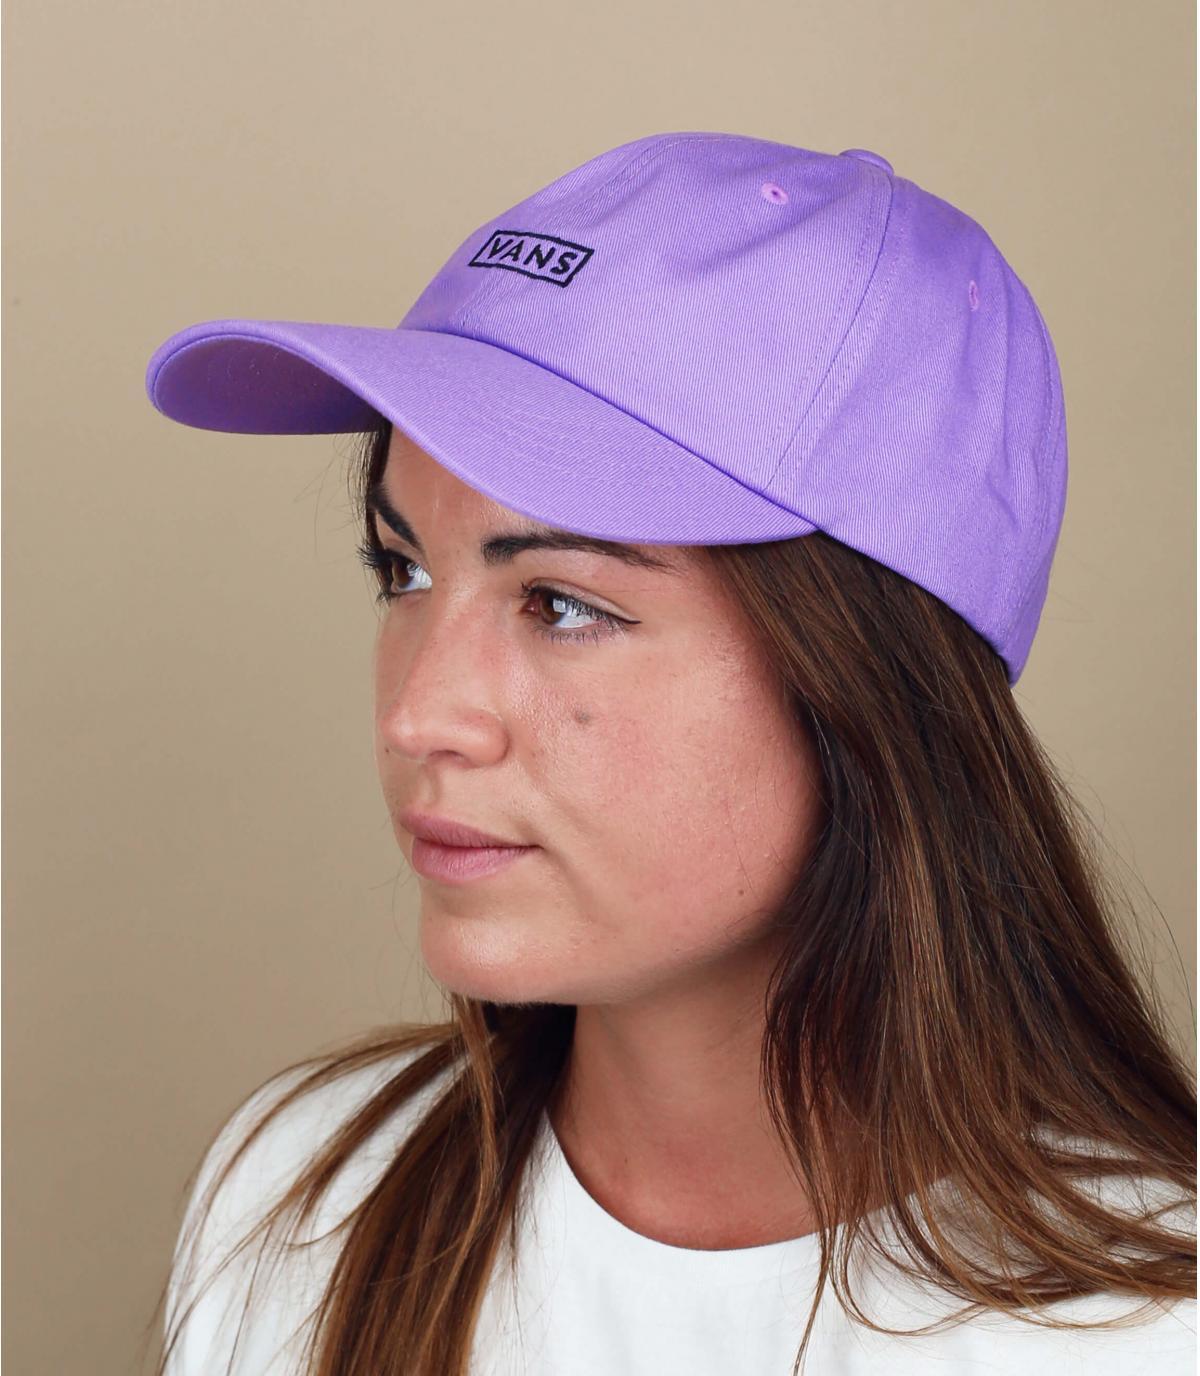 Damen Cap Vans violett